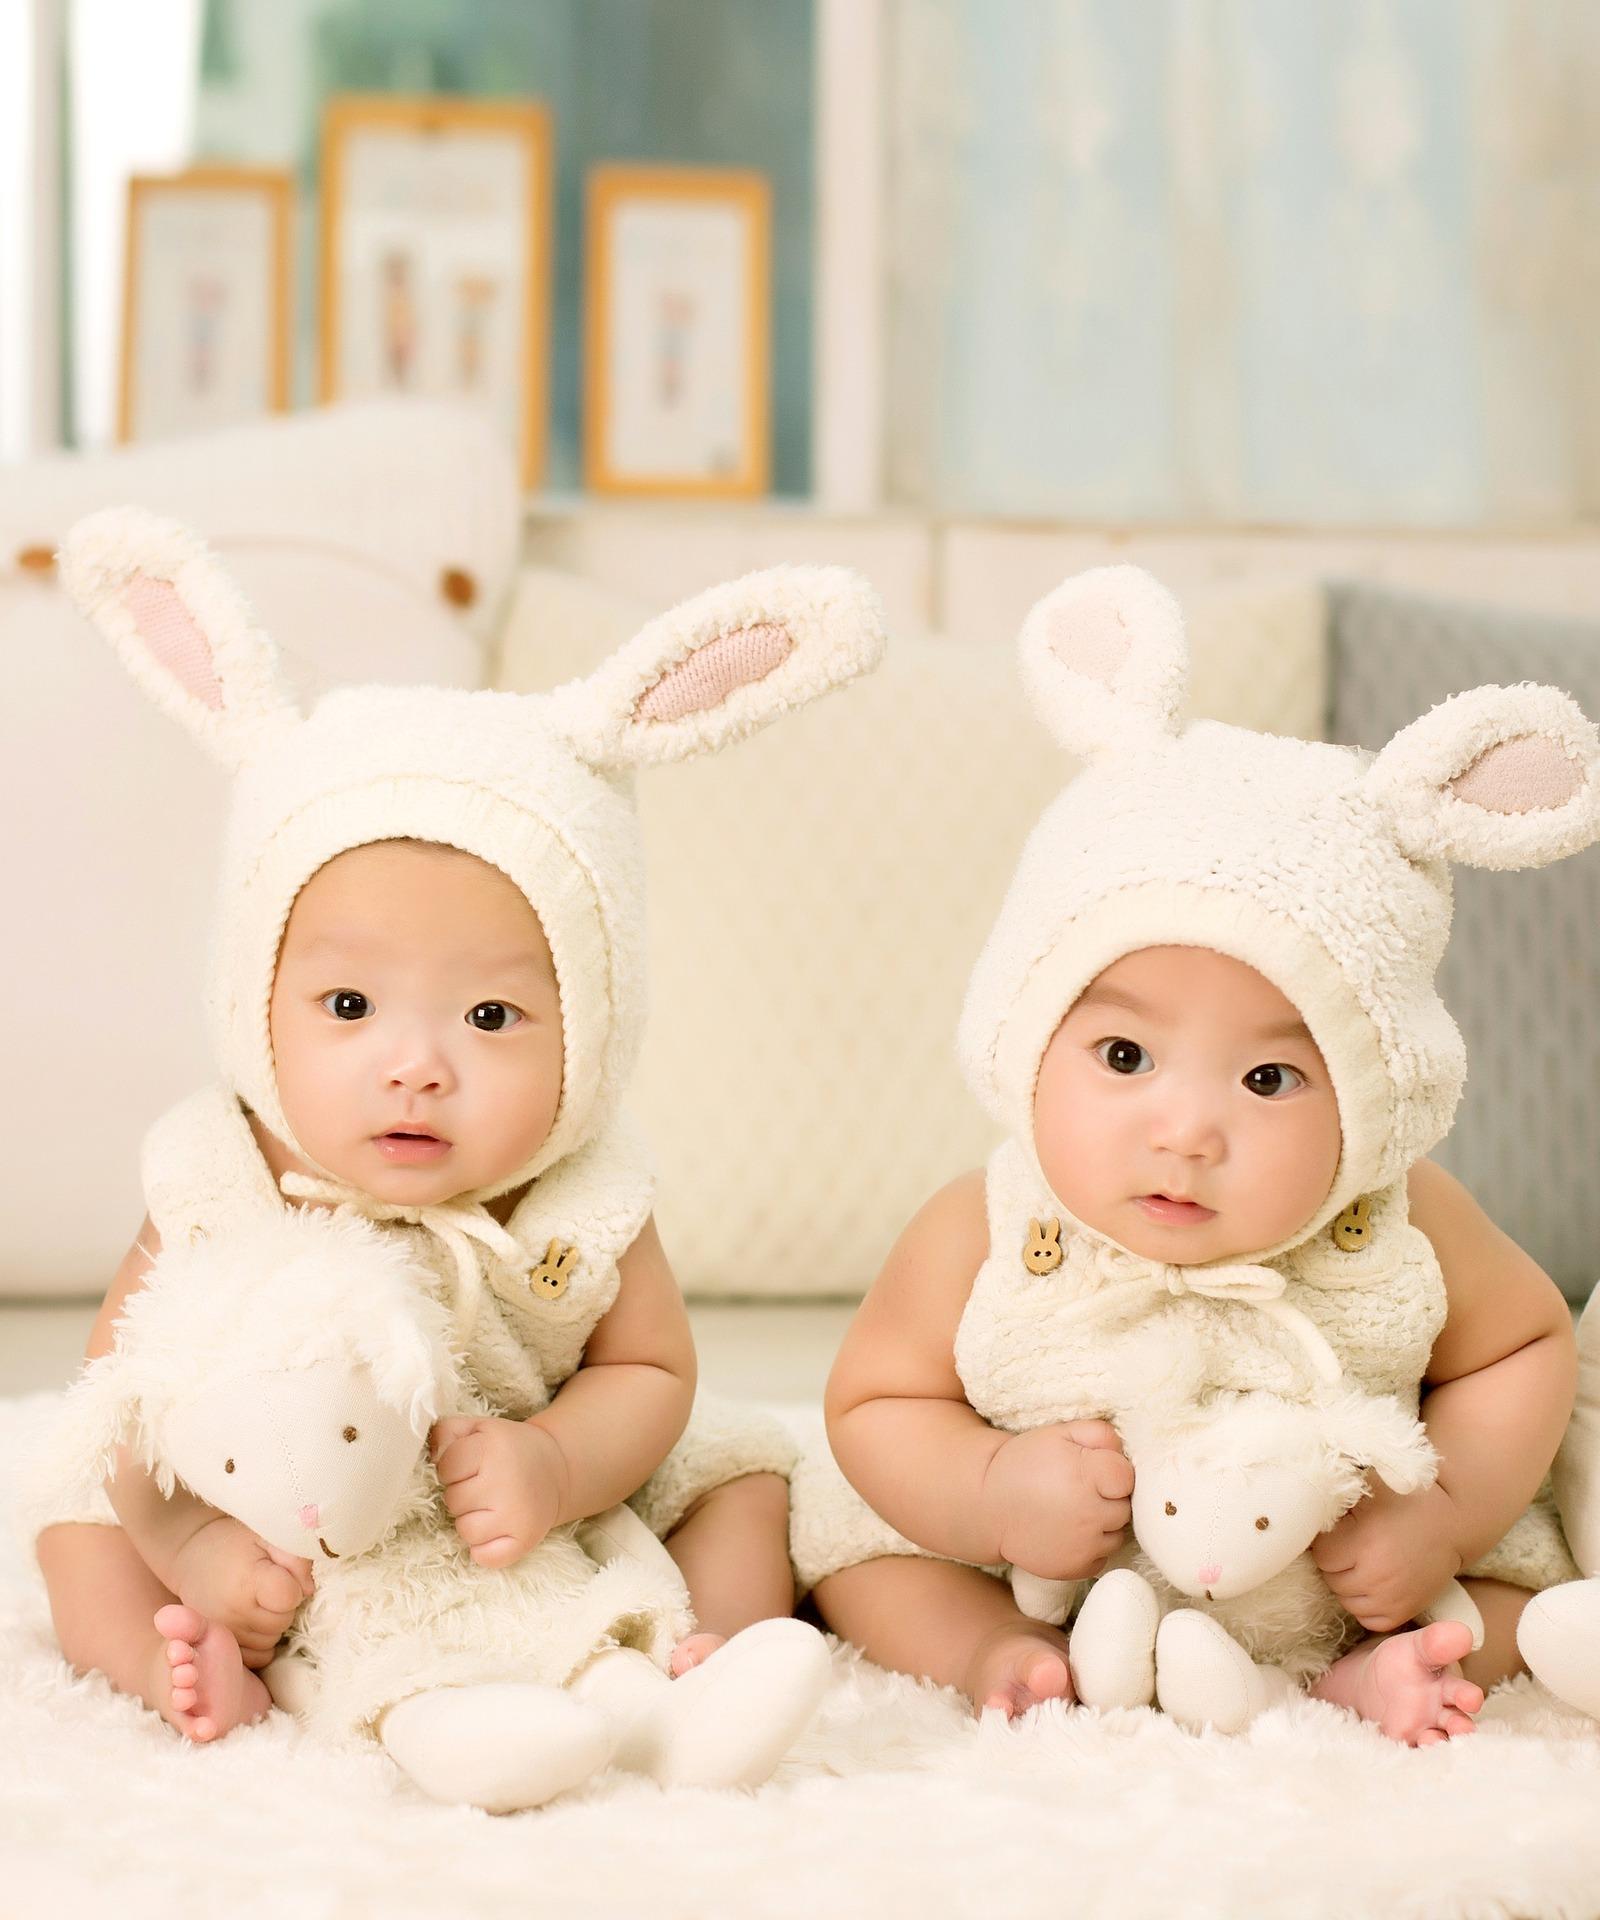 Sognare di partorire due gemelli: cosa può significare?